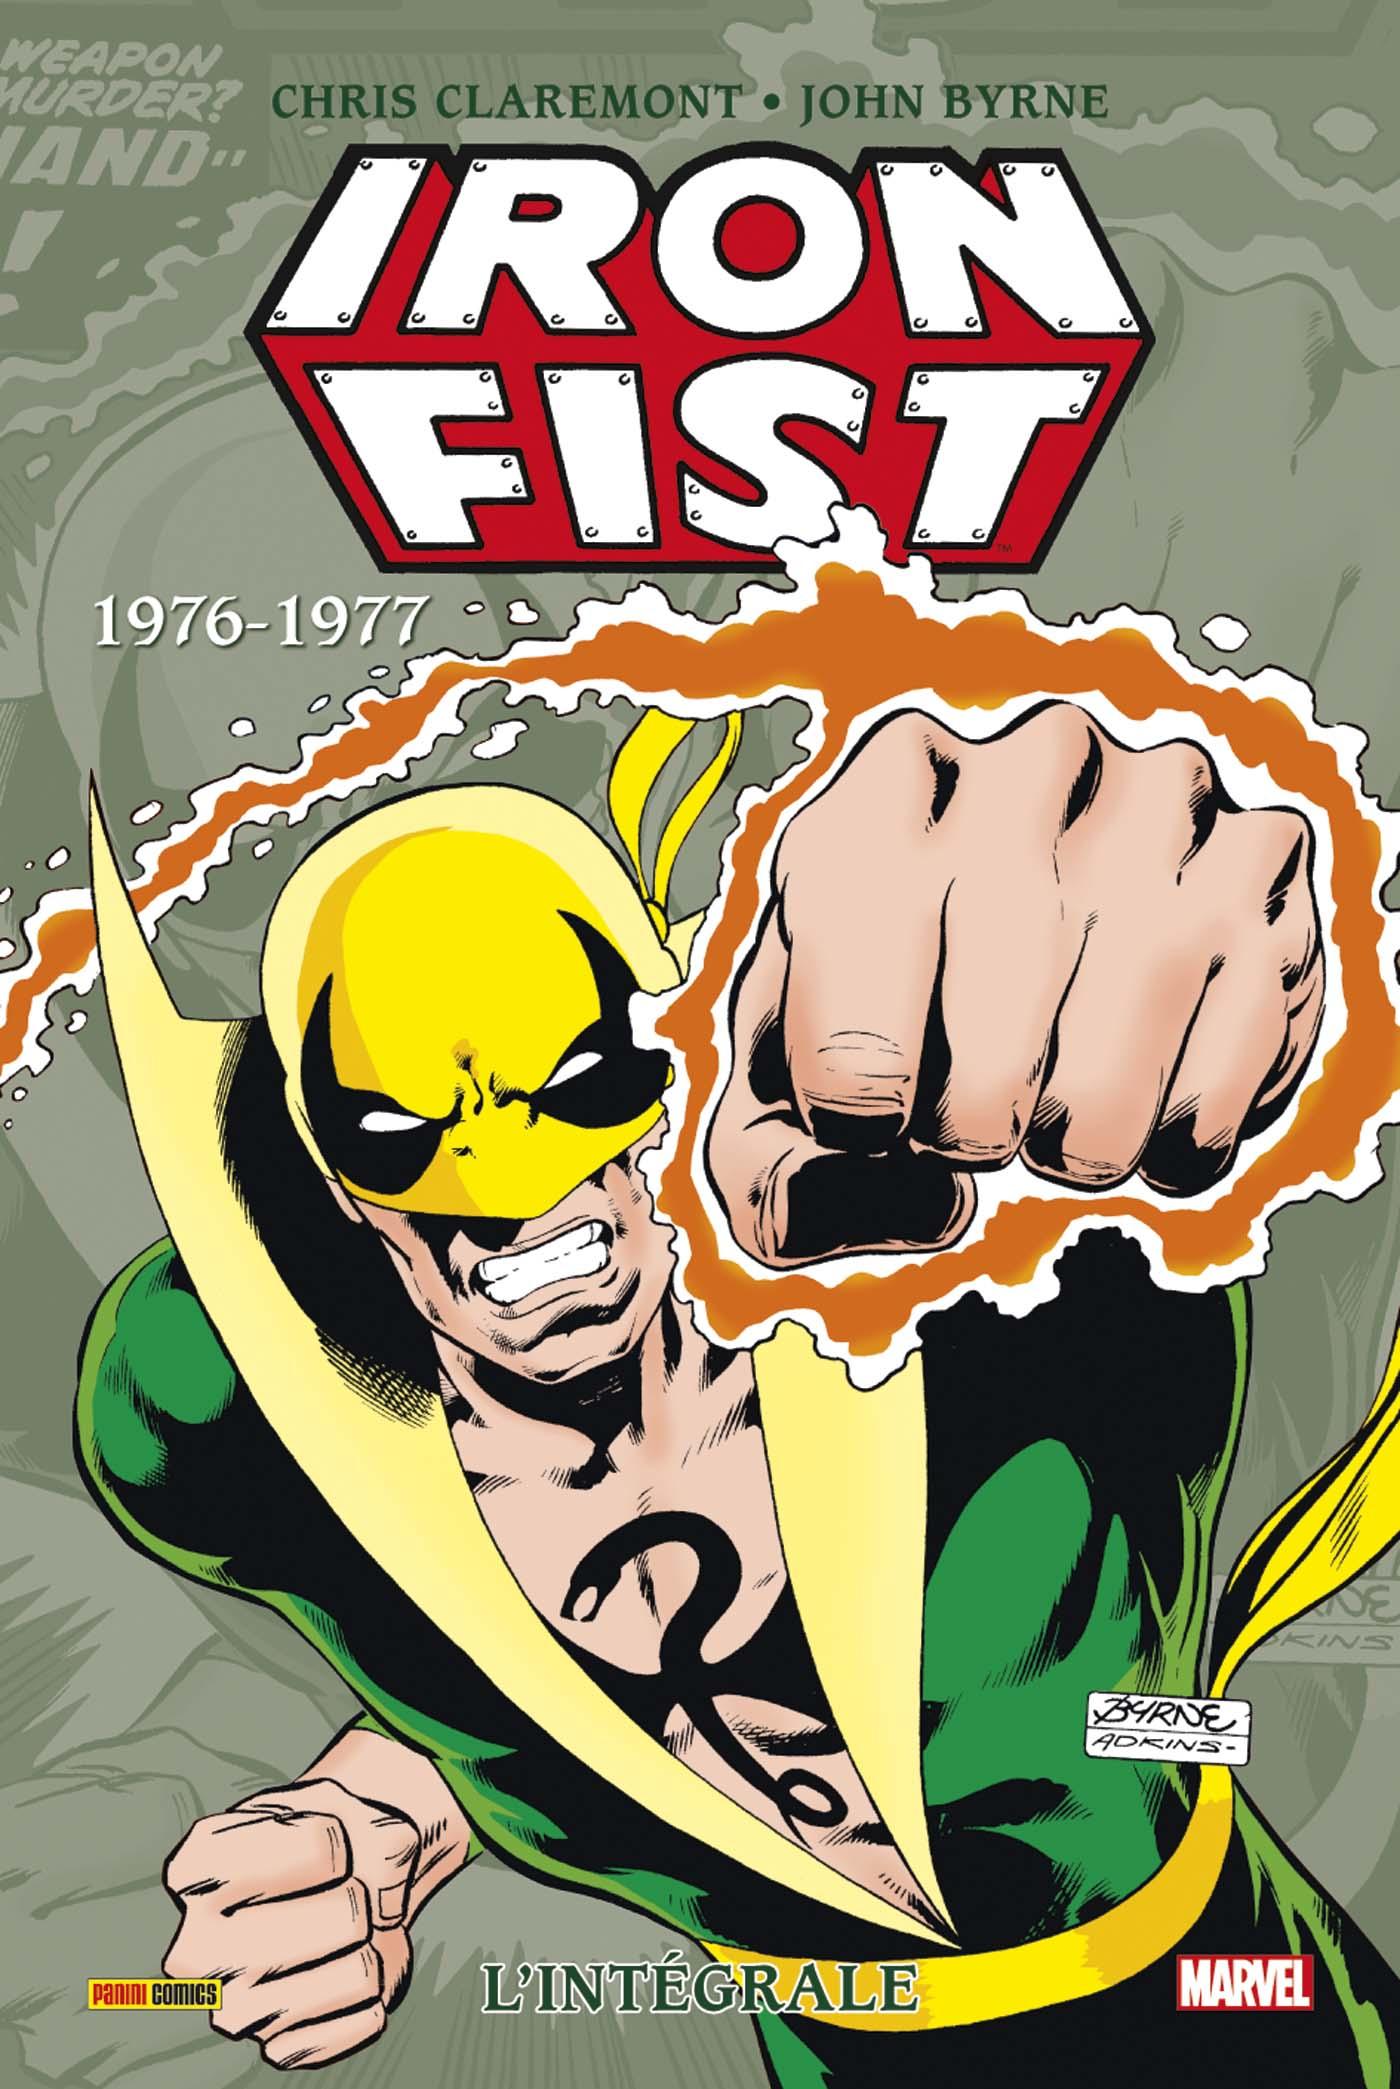 Iron Fist 1976 - 1976 - 1977